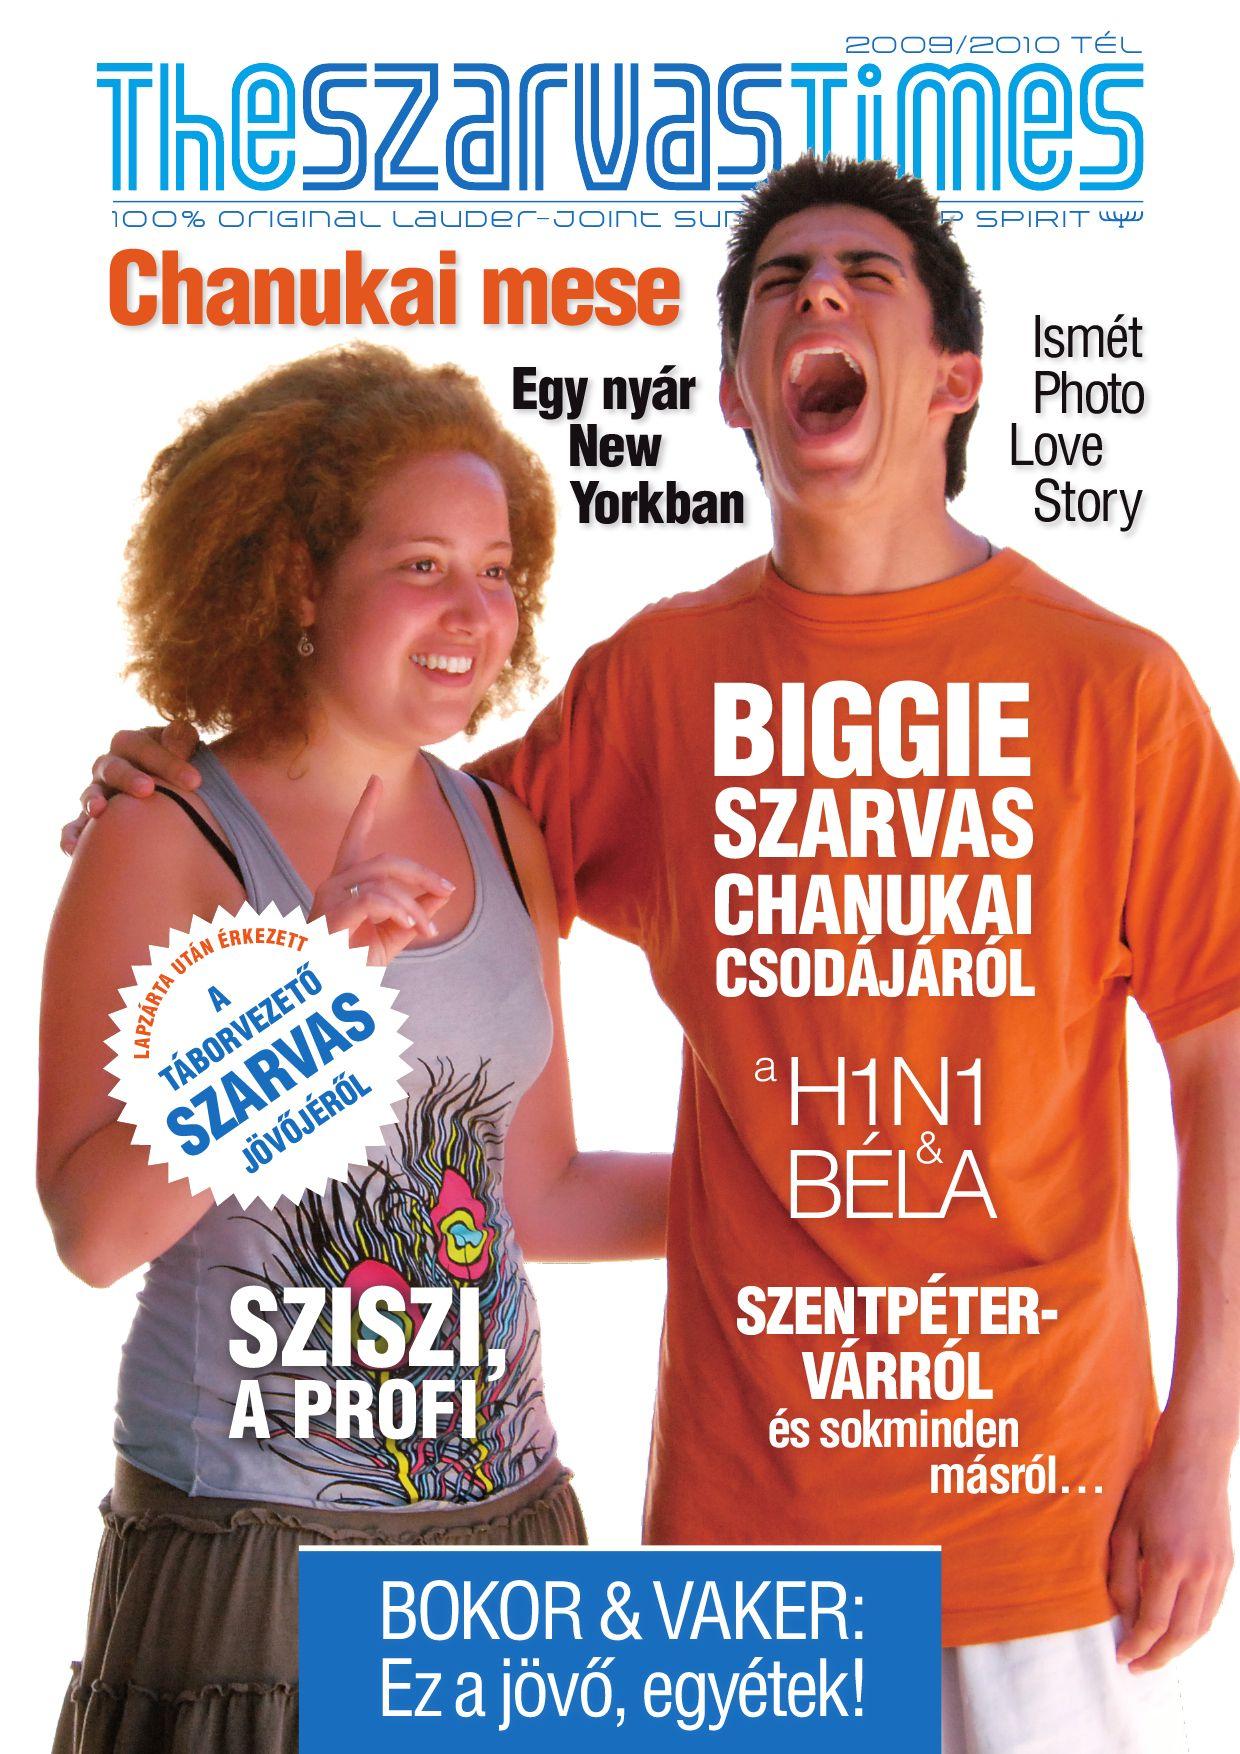 Kolekcja tłumaczeń – język węgierski